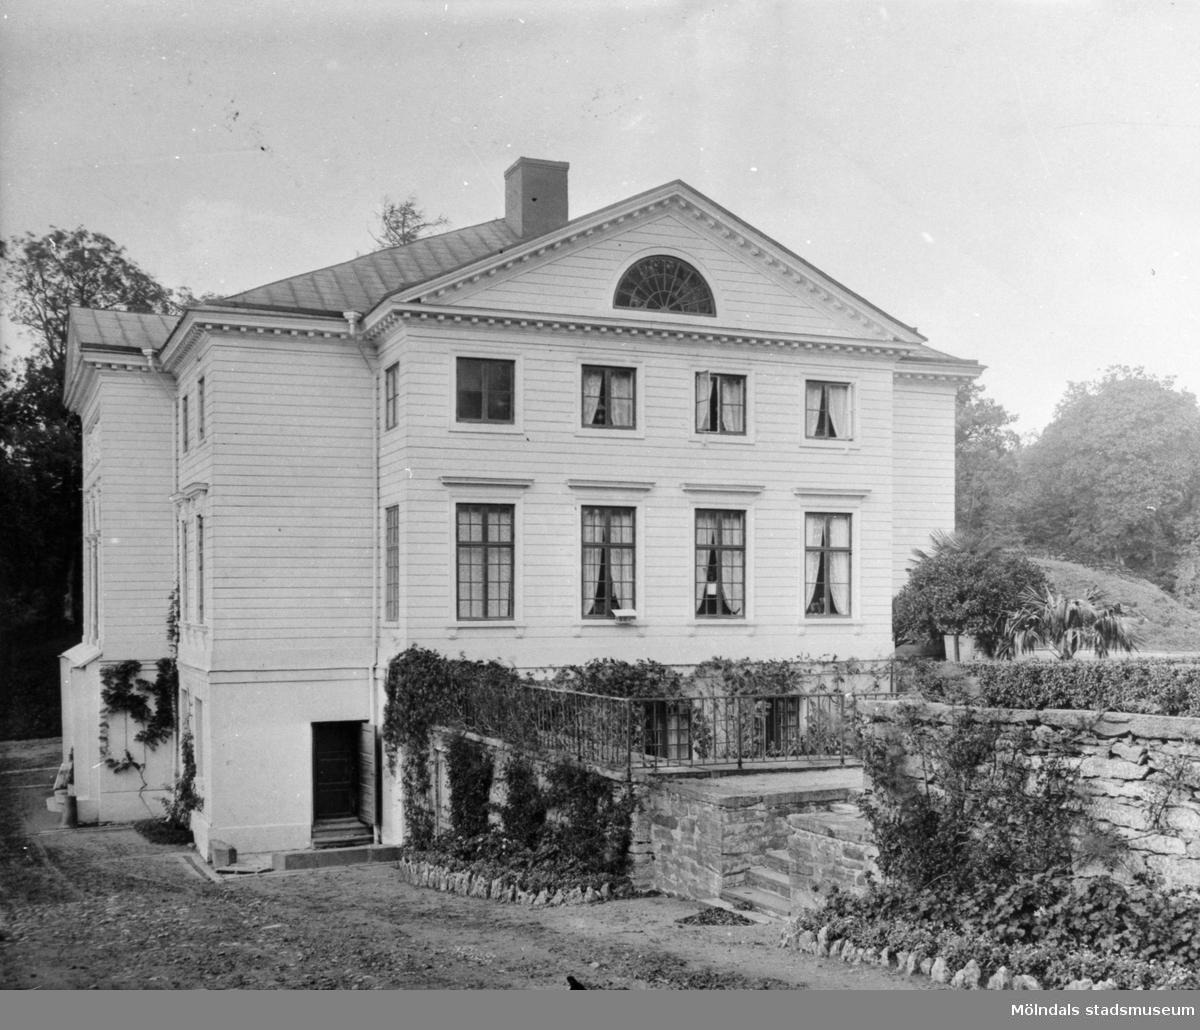 Gunnebo slotts östra fasad, 1930-tal.